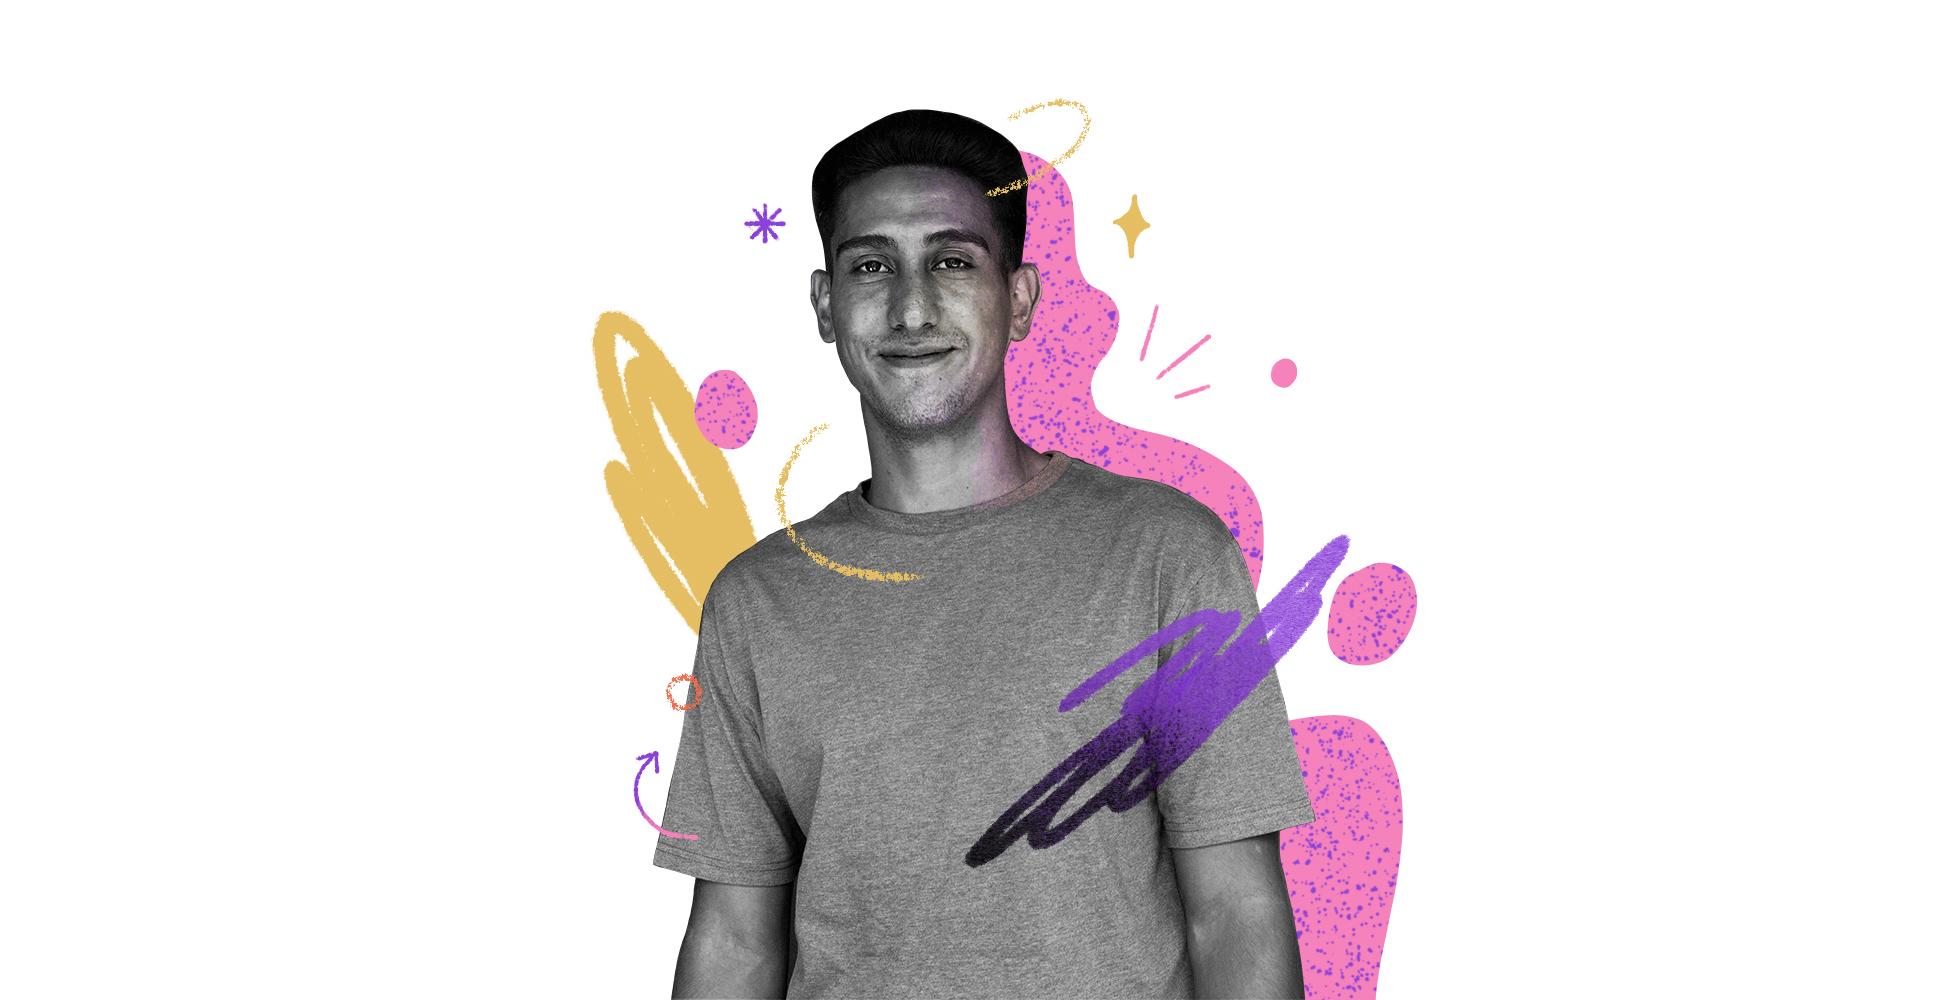 Musta Kadem, Back-end Developer at Z1